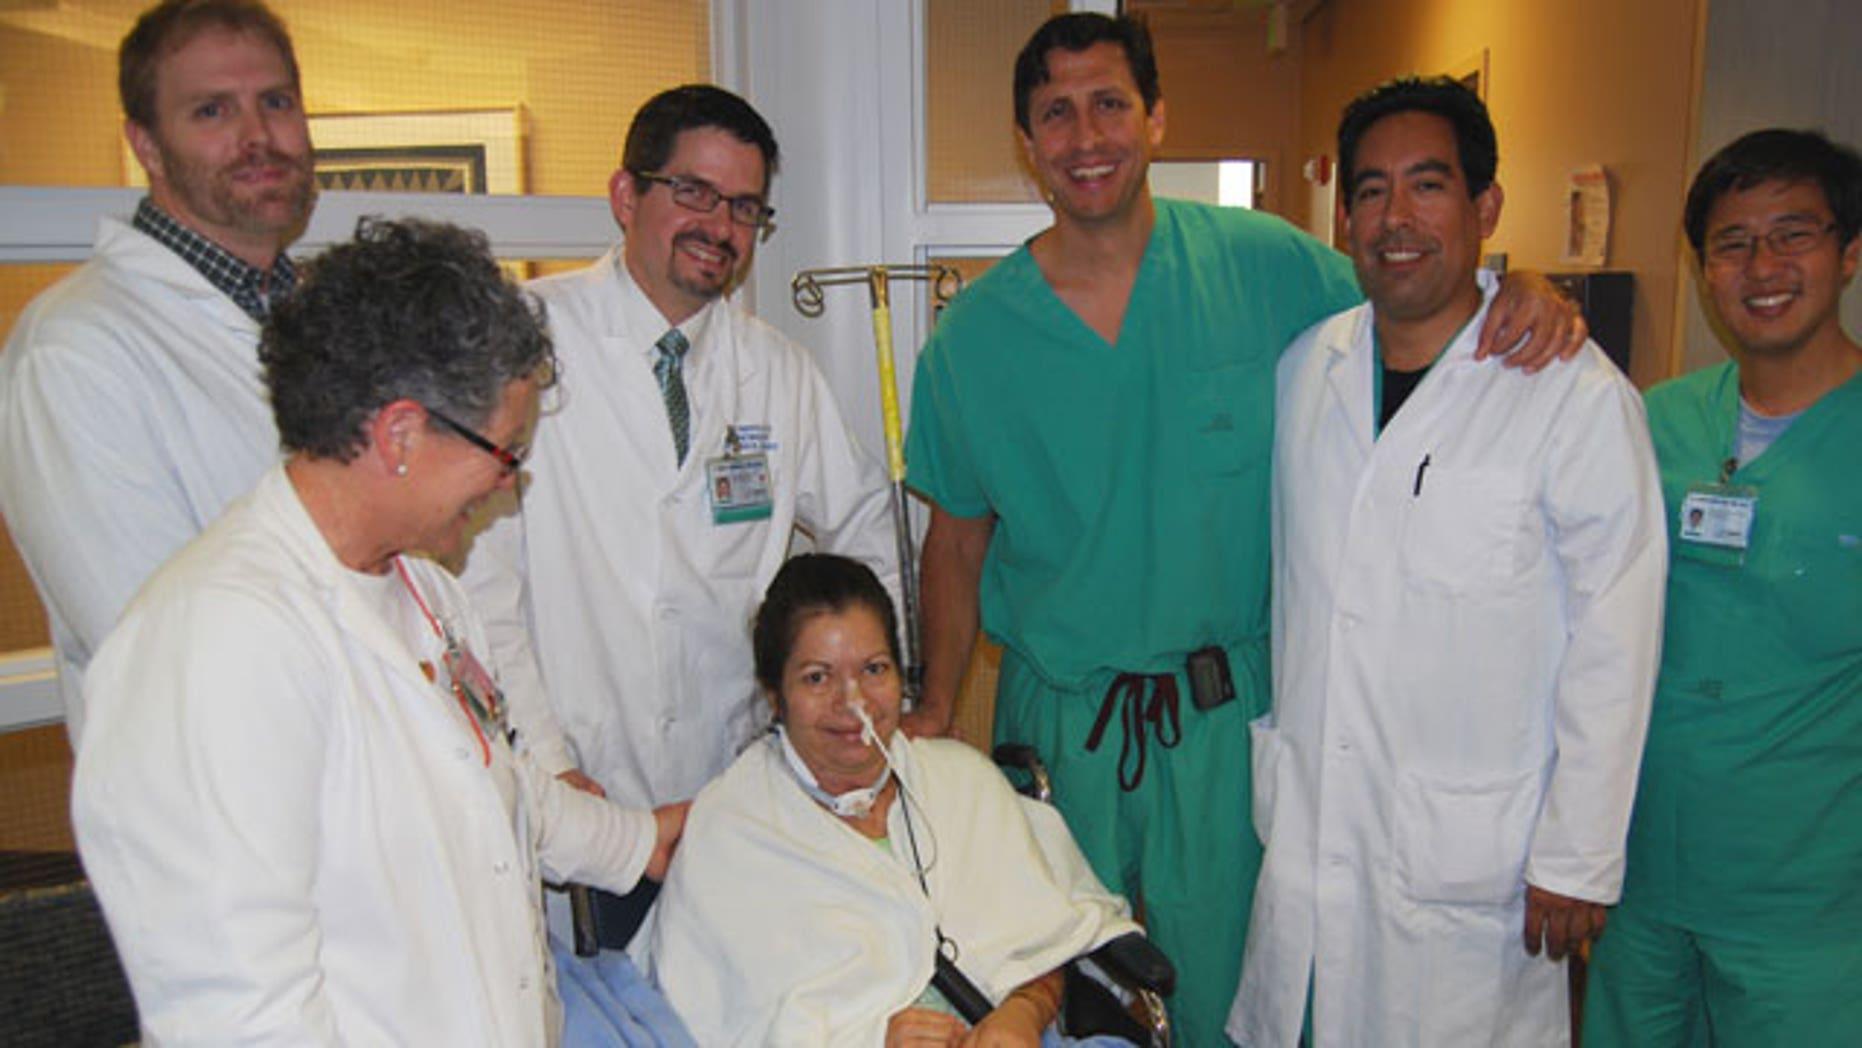 Brenda Charett Jensen surrounded by her surgical team